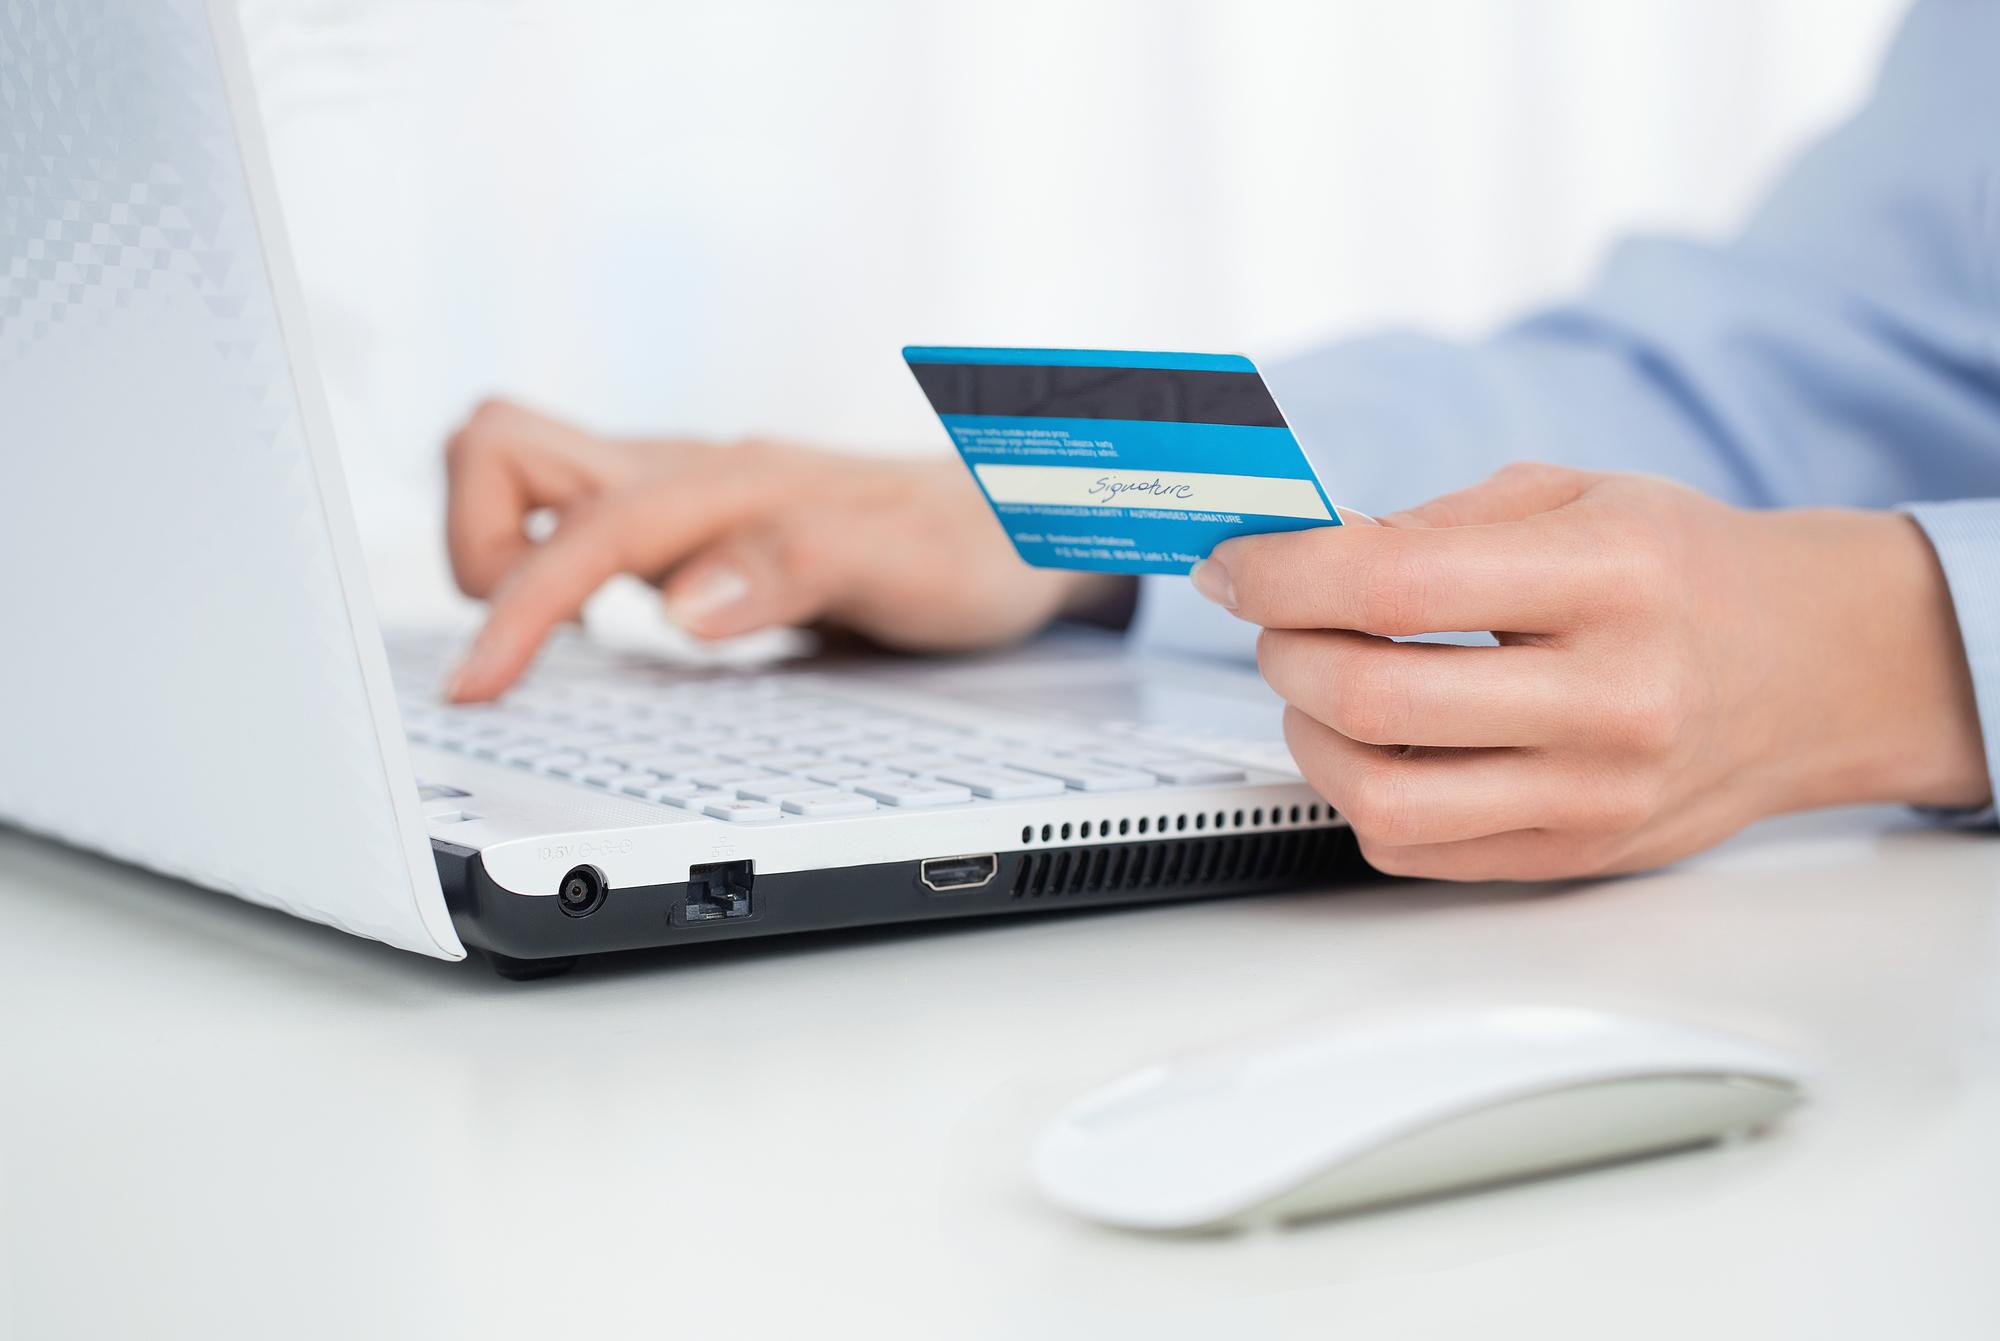 Взять банковский кредит выгоднее всего